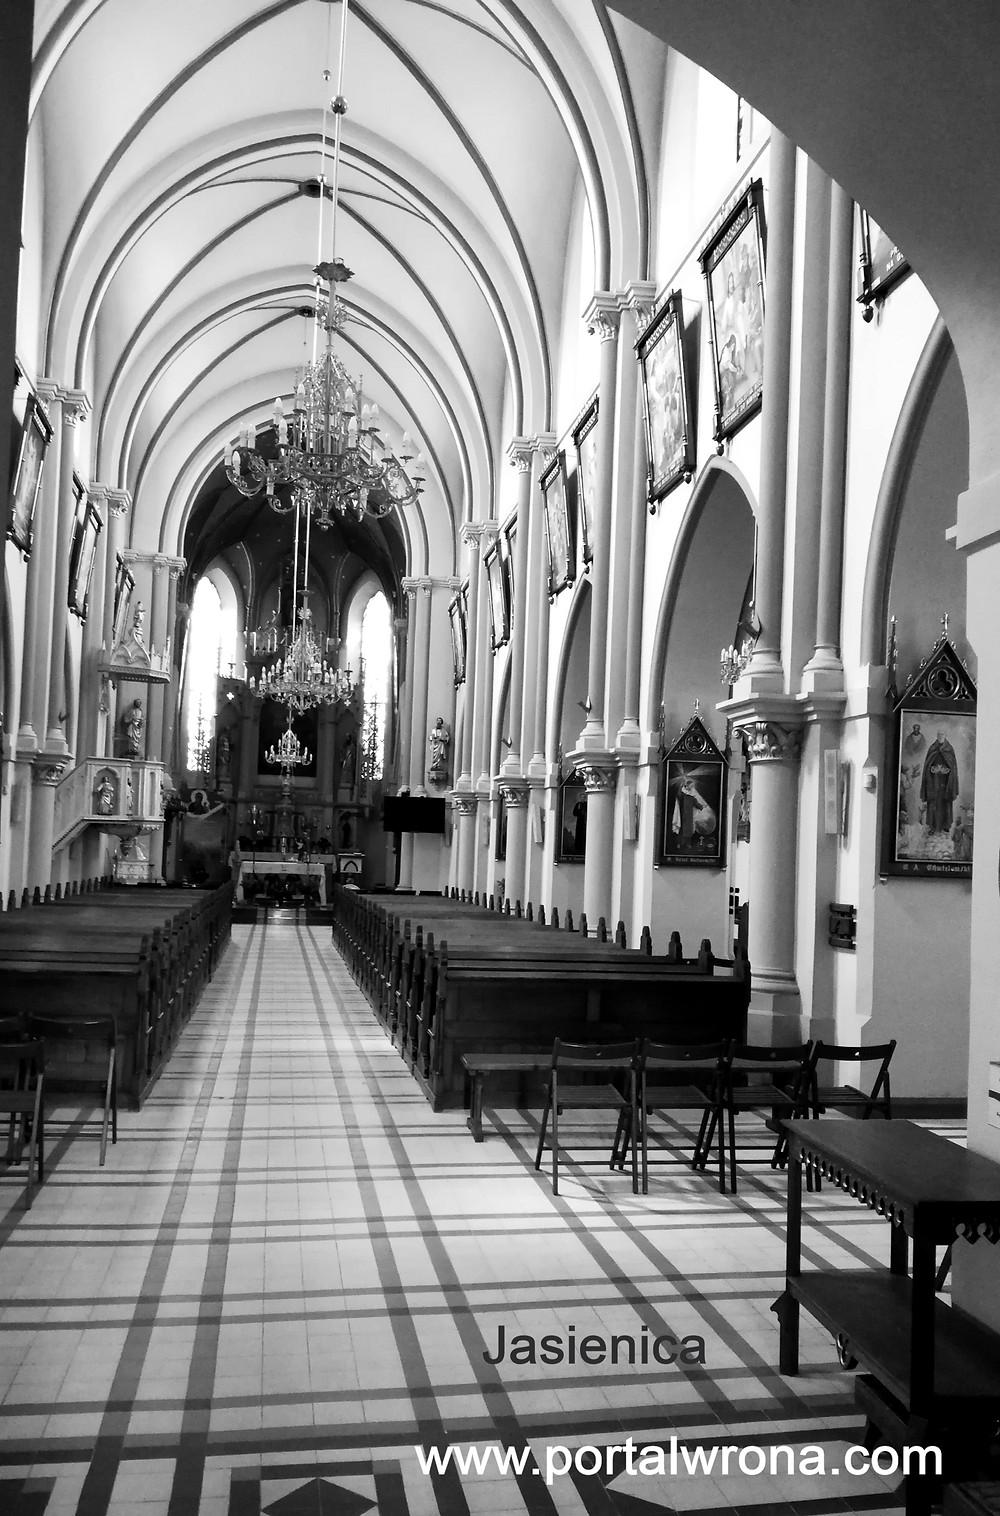 Kościół w Jasienicy obecnie